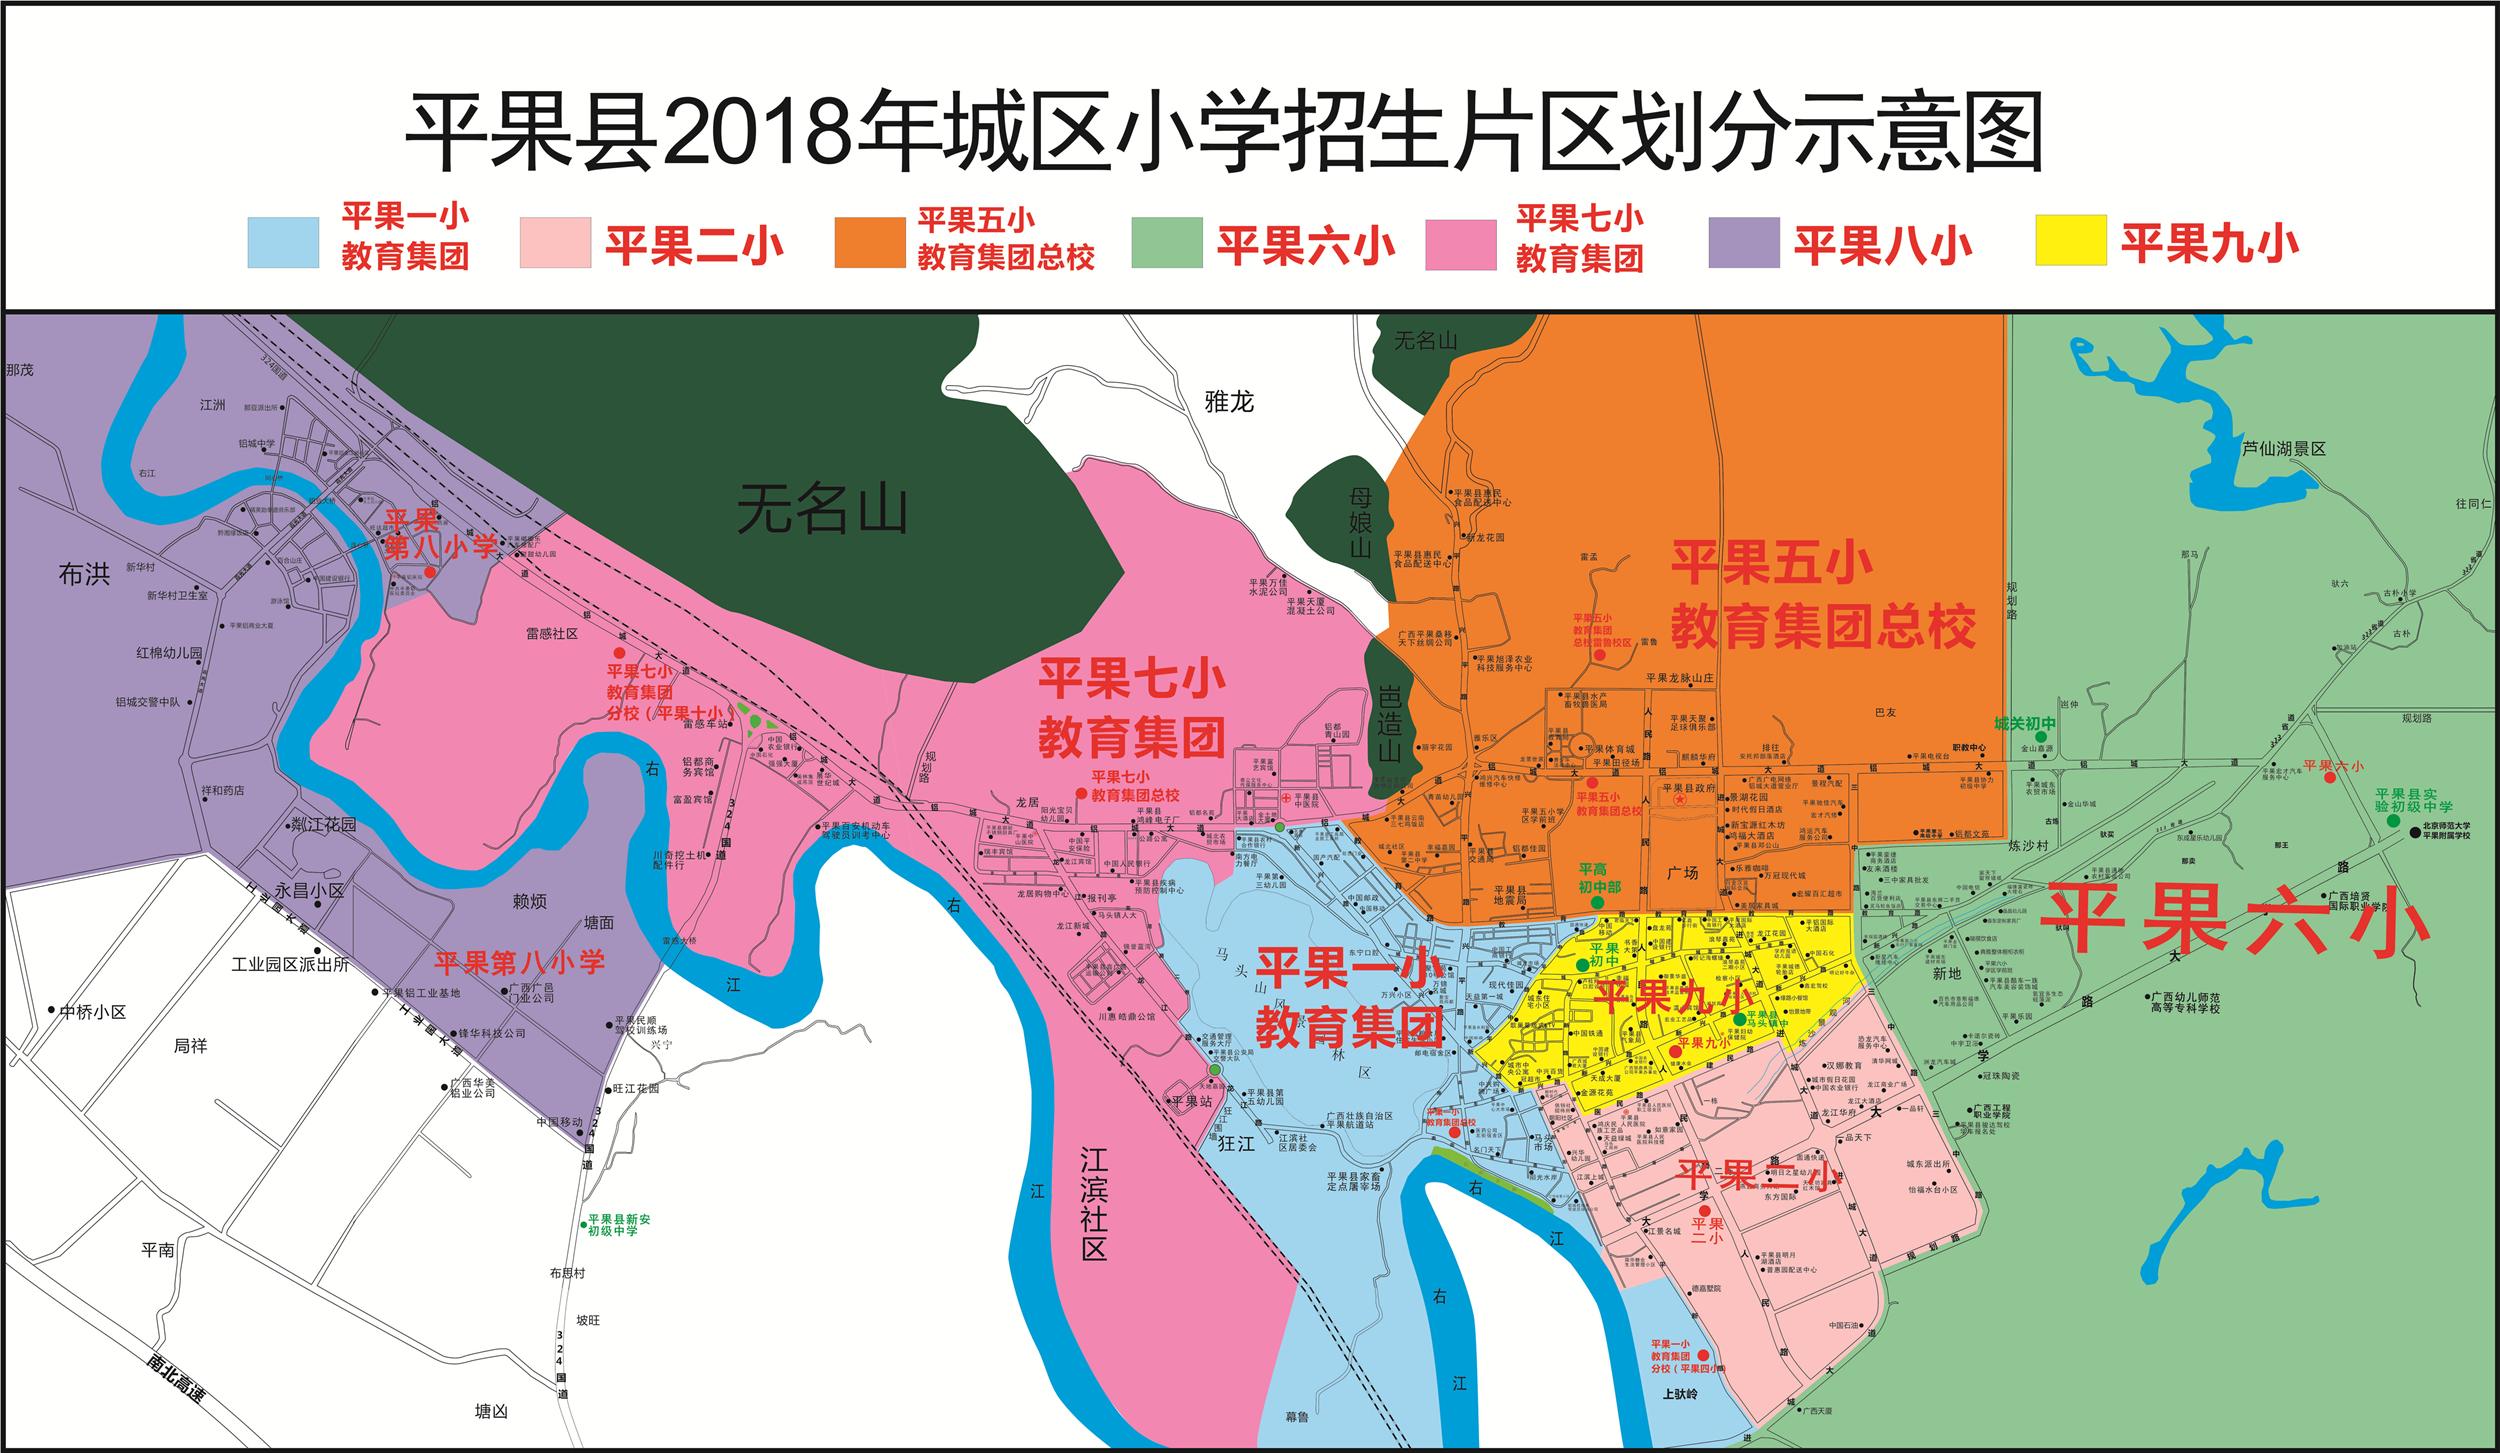 附件1:平果县2018年城区小学招生片区划分示意图.jpg